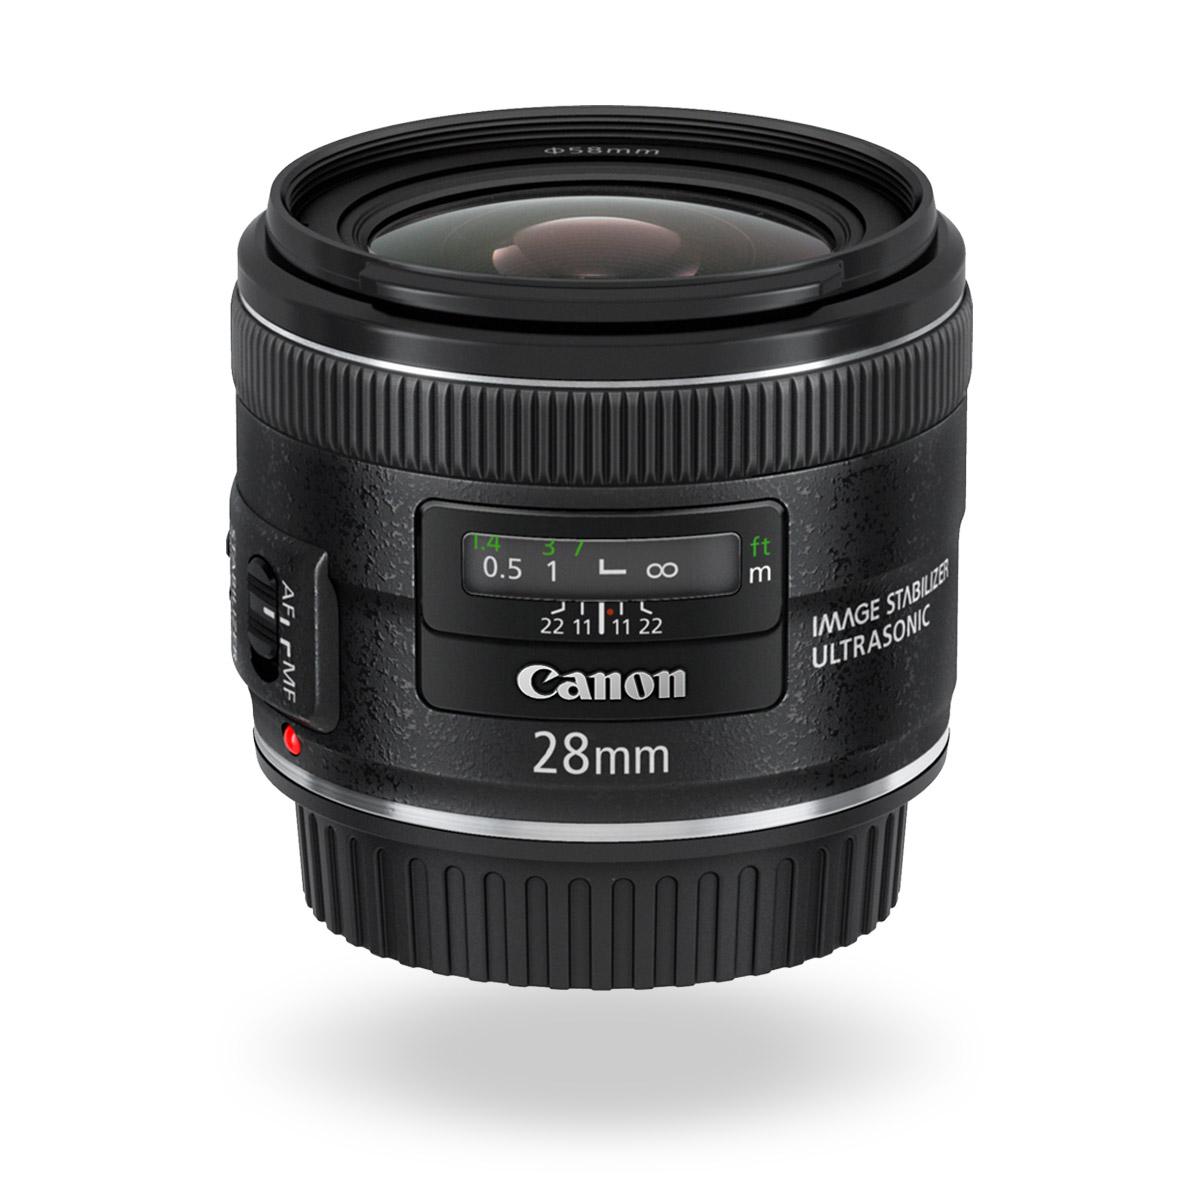 EF 28mm f/2.8 IS USM Lens